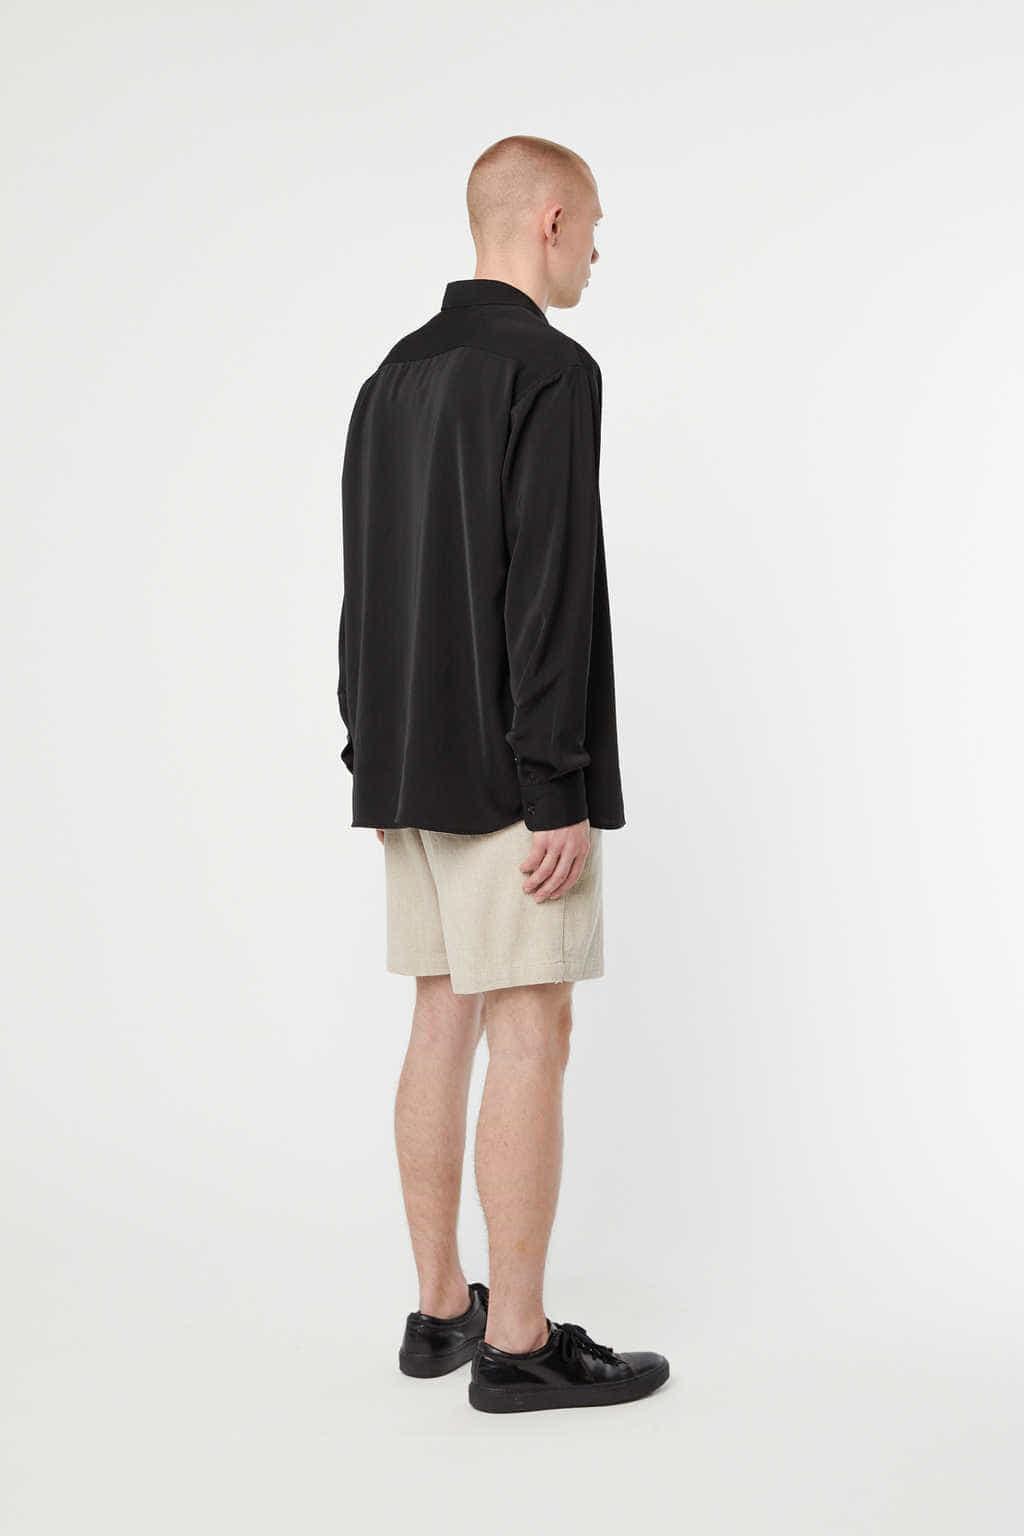 Shirt K002 Black 4